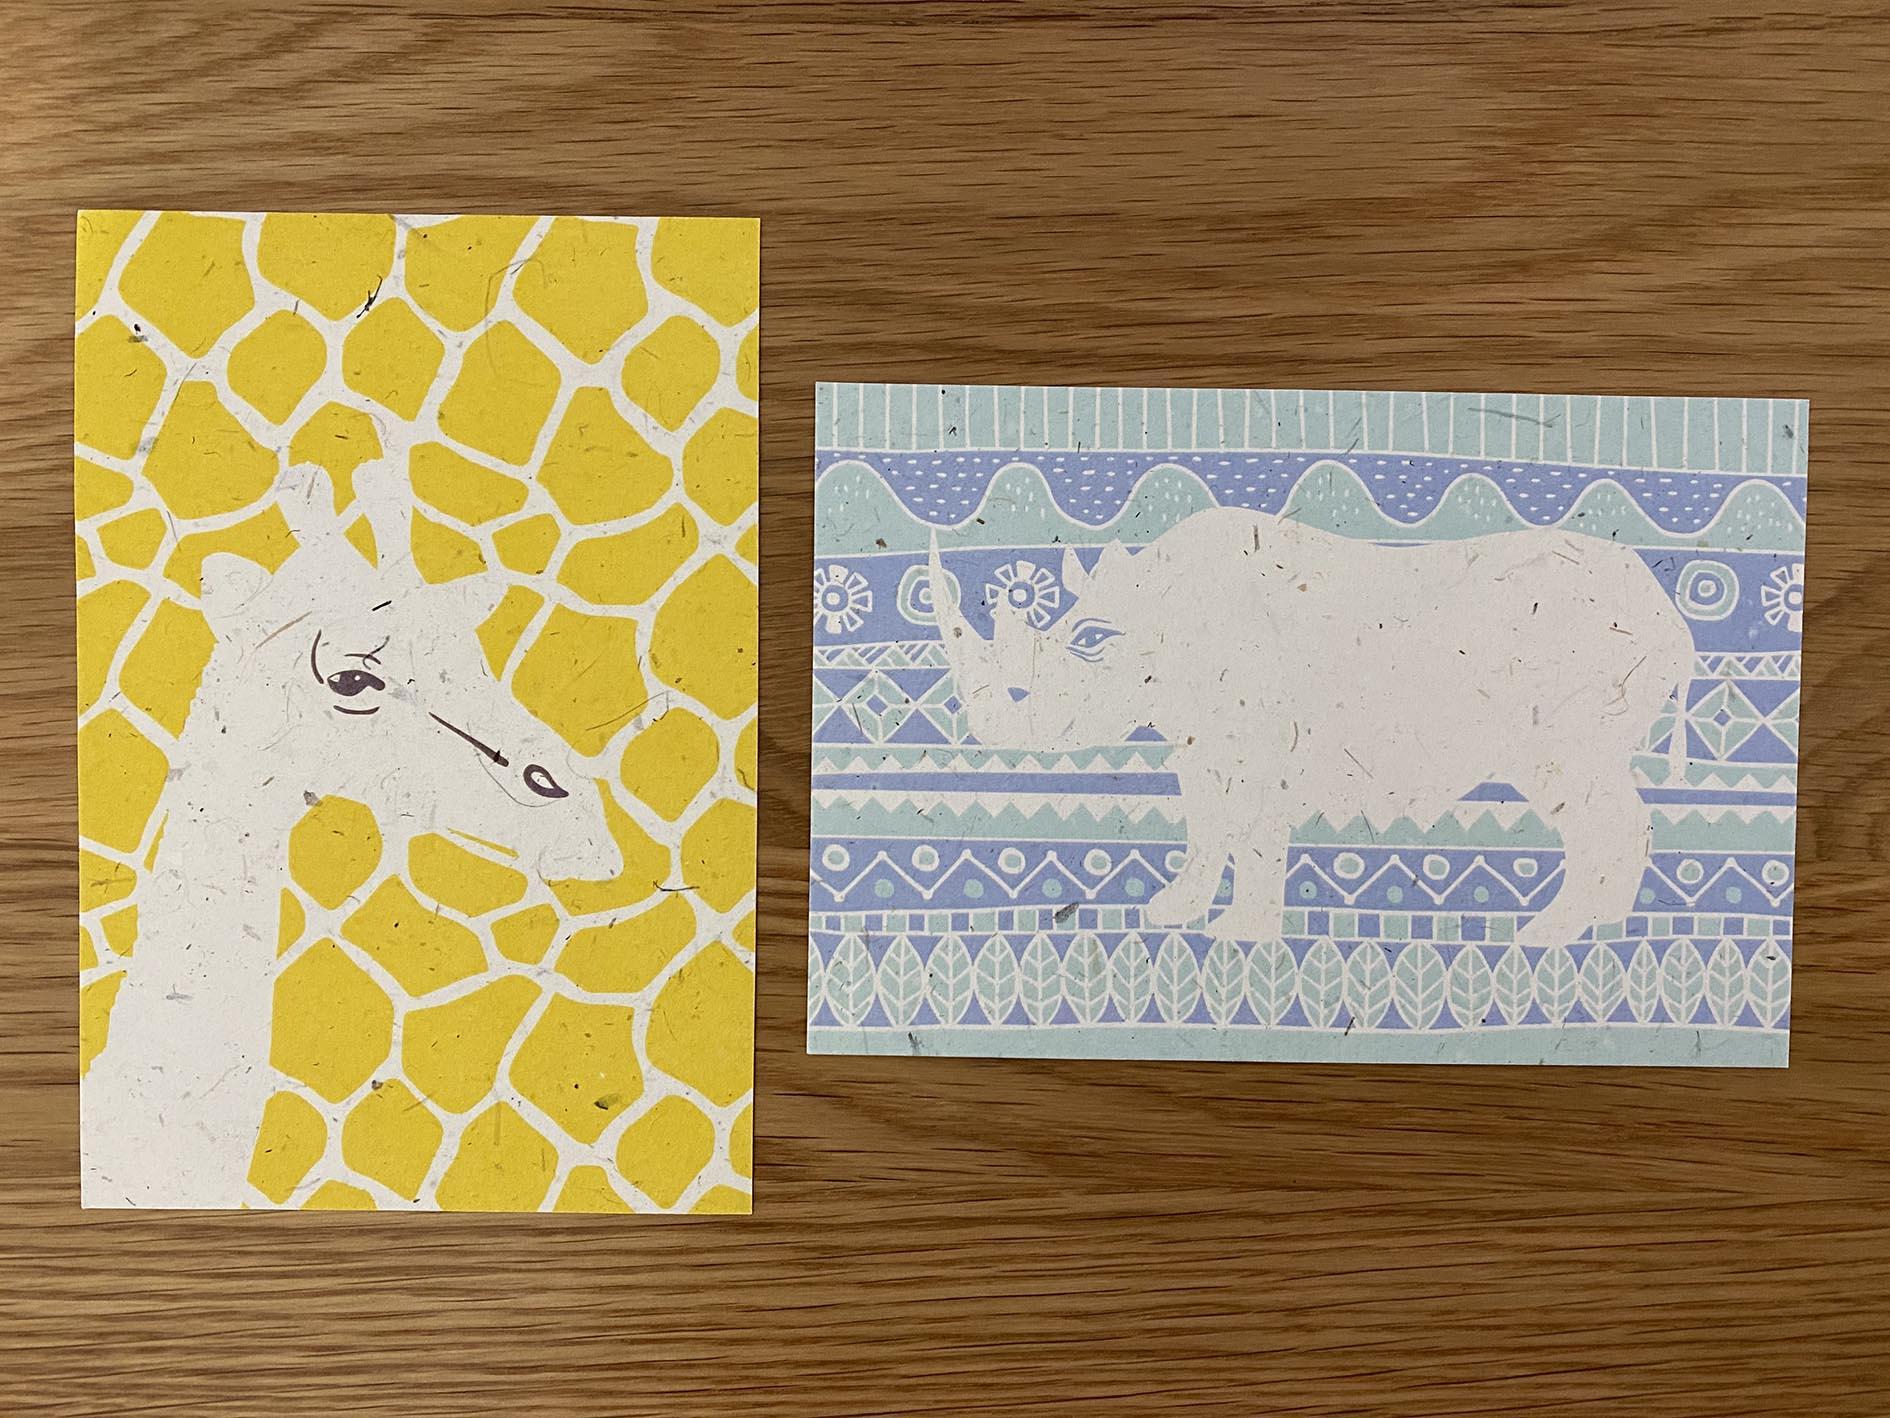 Wildlove Postcard printed on Elephant Poo Poo Paper